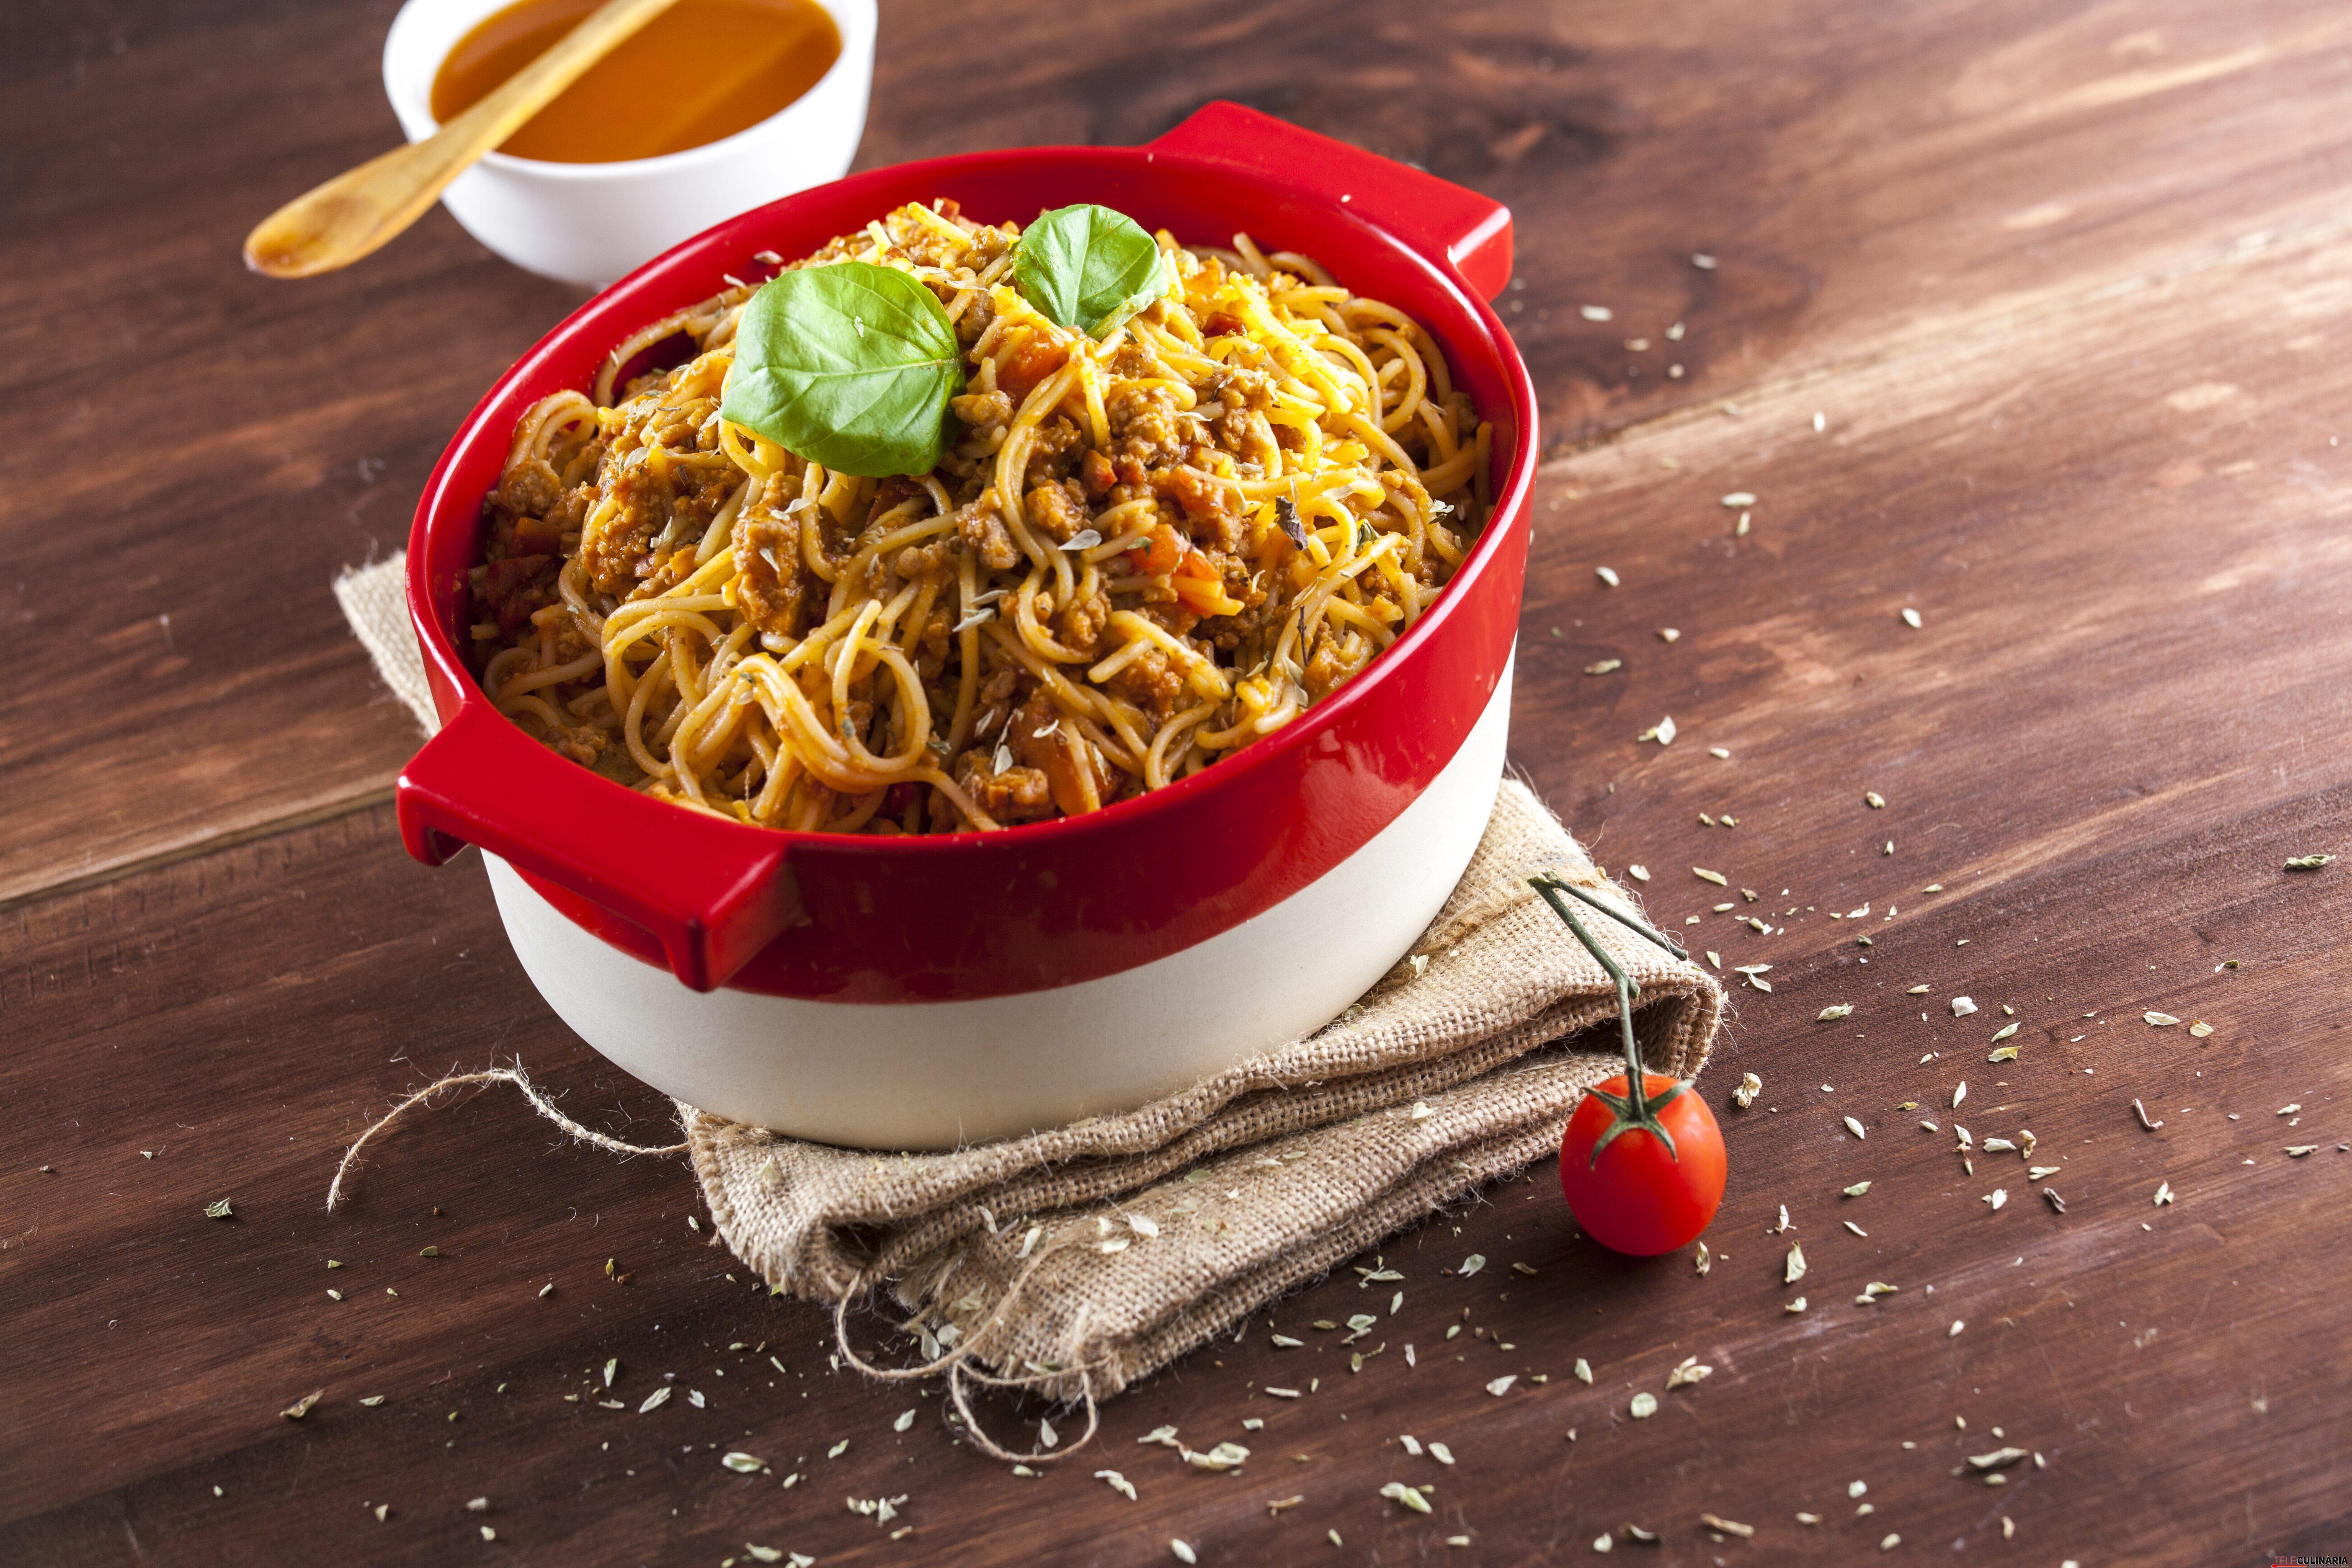 Esparguete a bolonhesa CHLJ 10